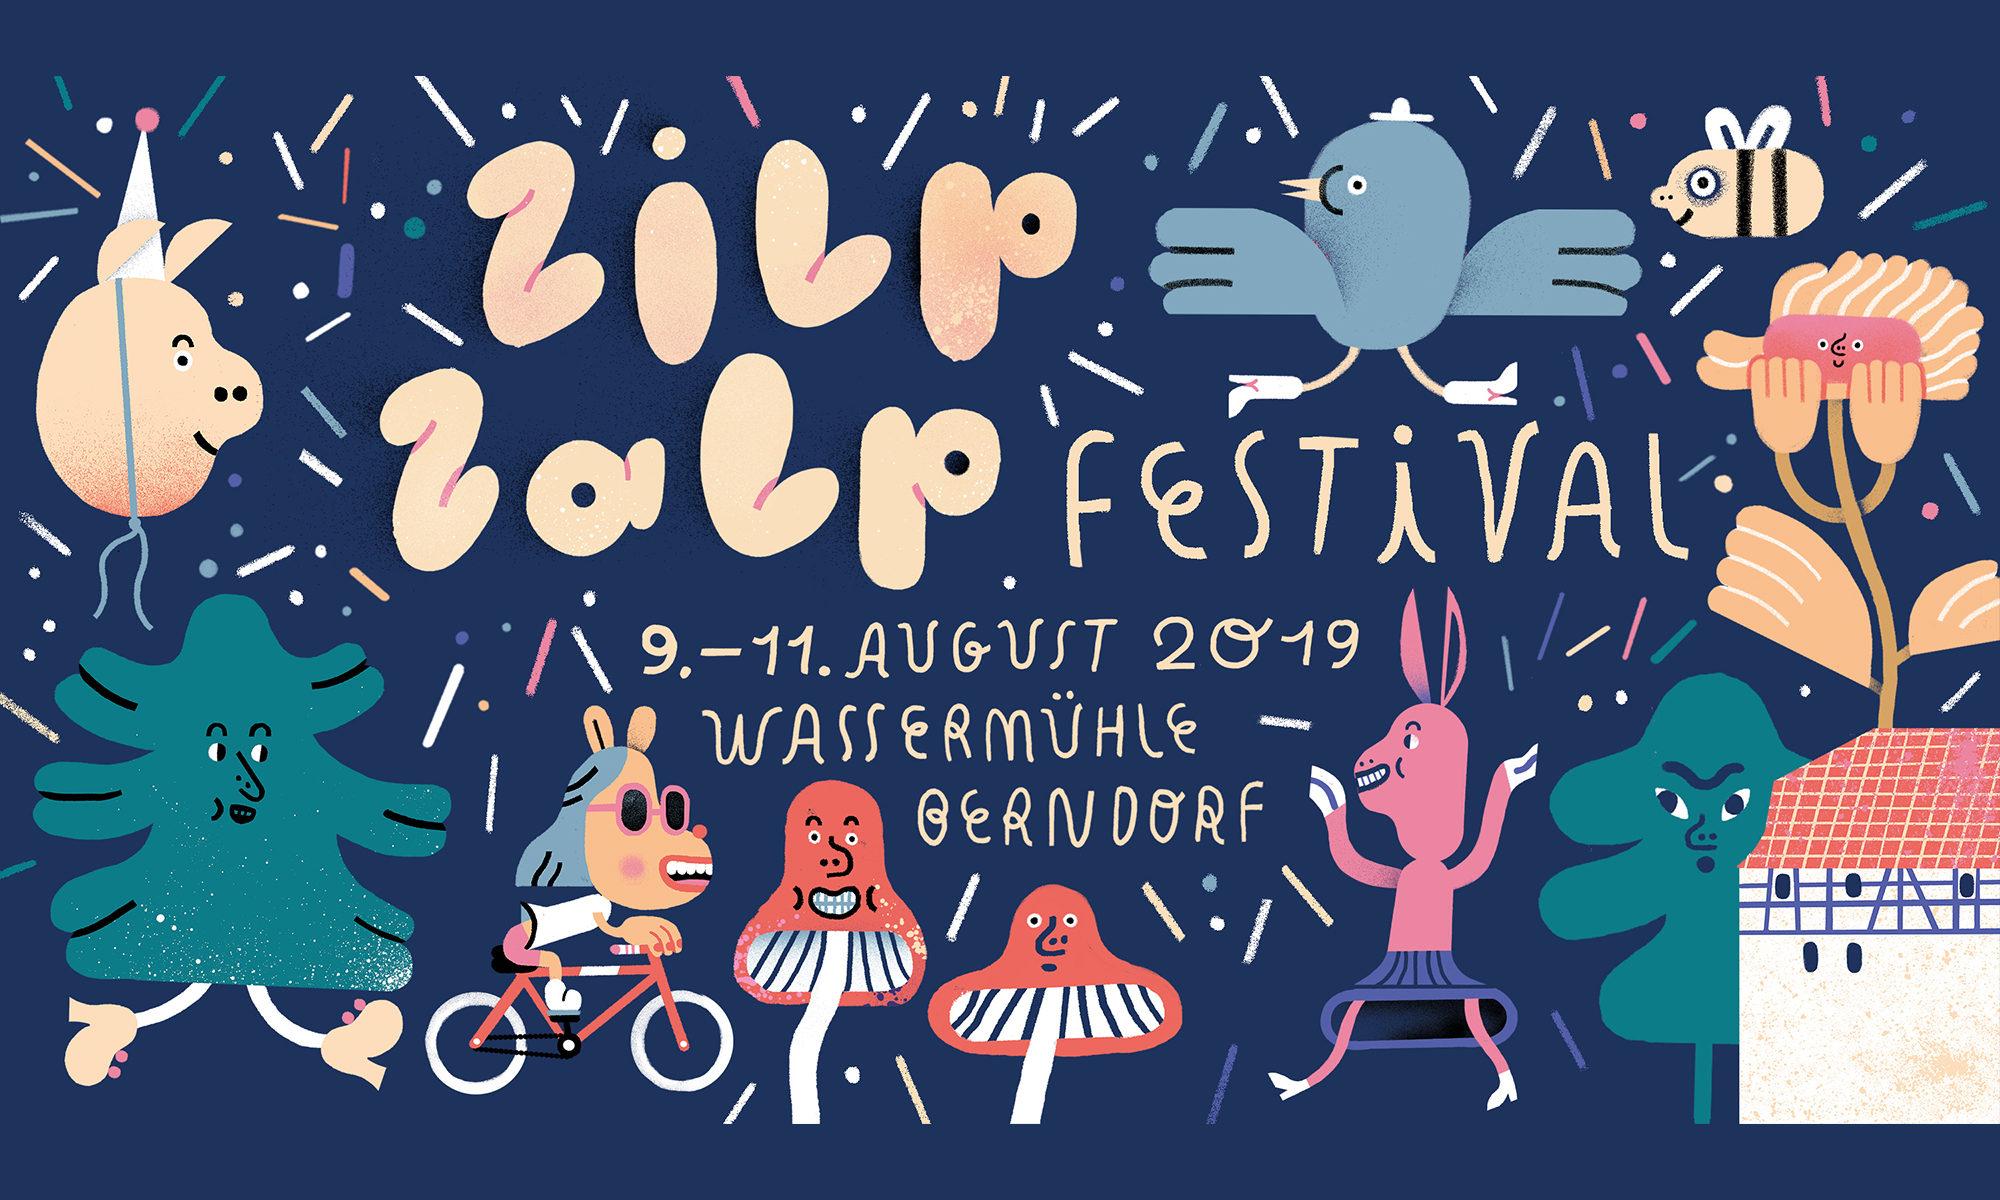 Zilp Zalp Festival